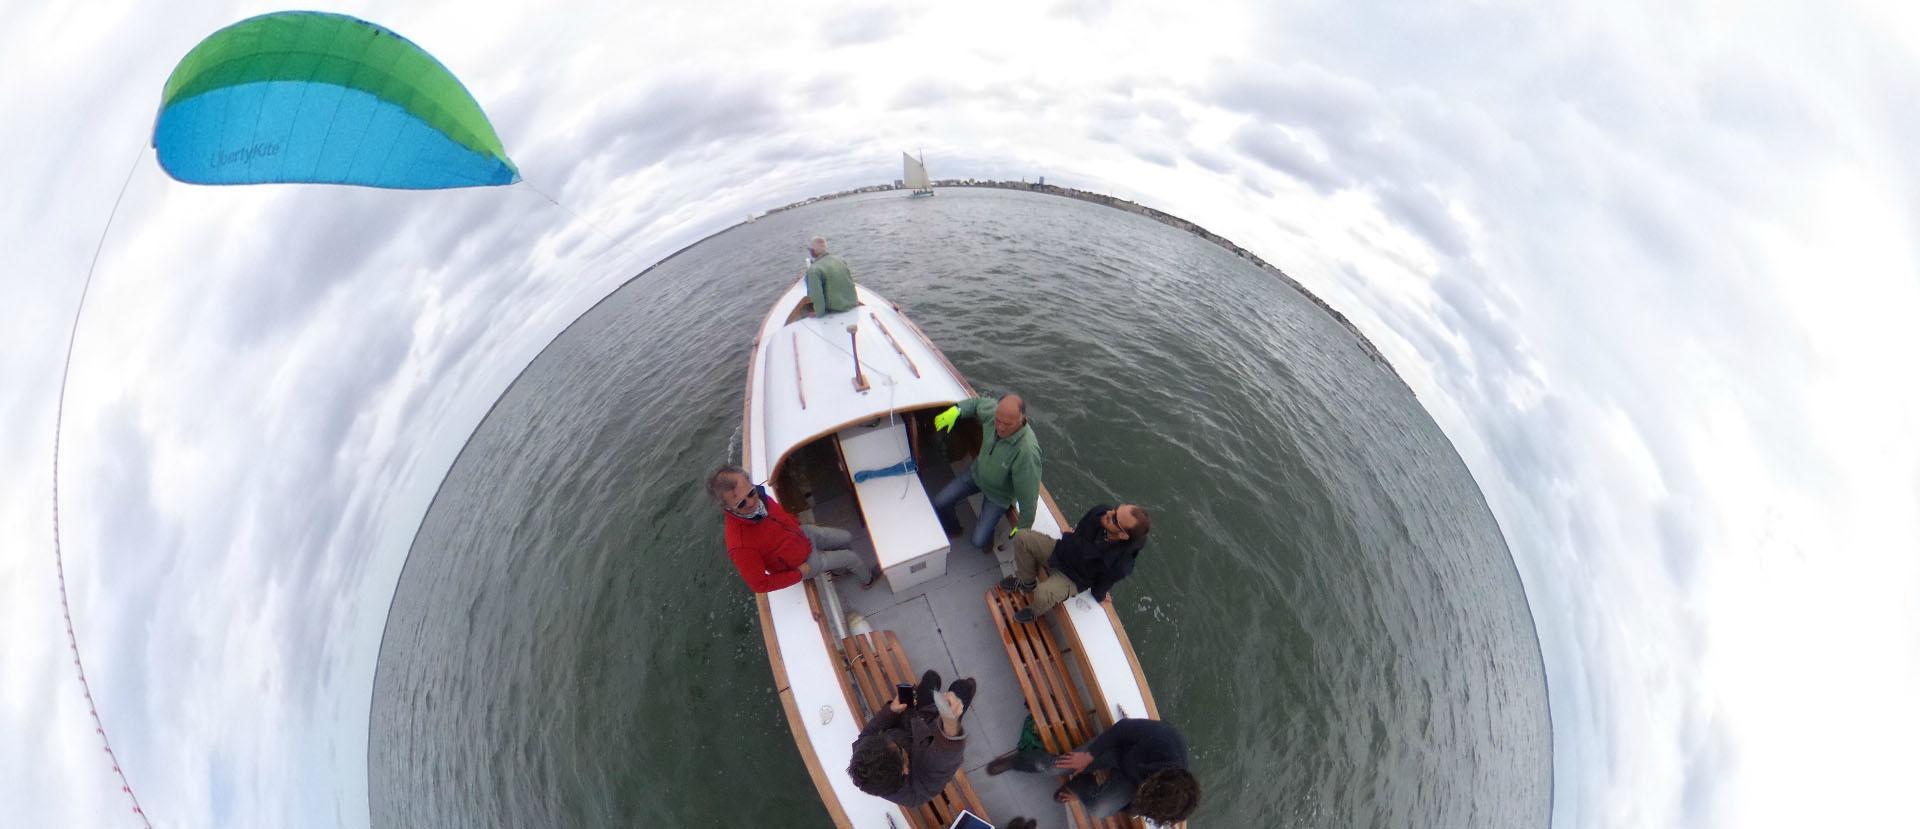 liberty-kite-bateau-13